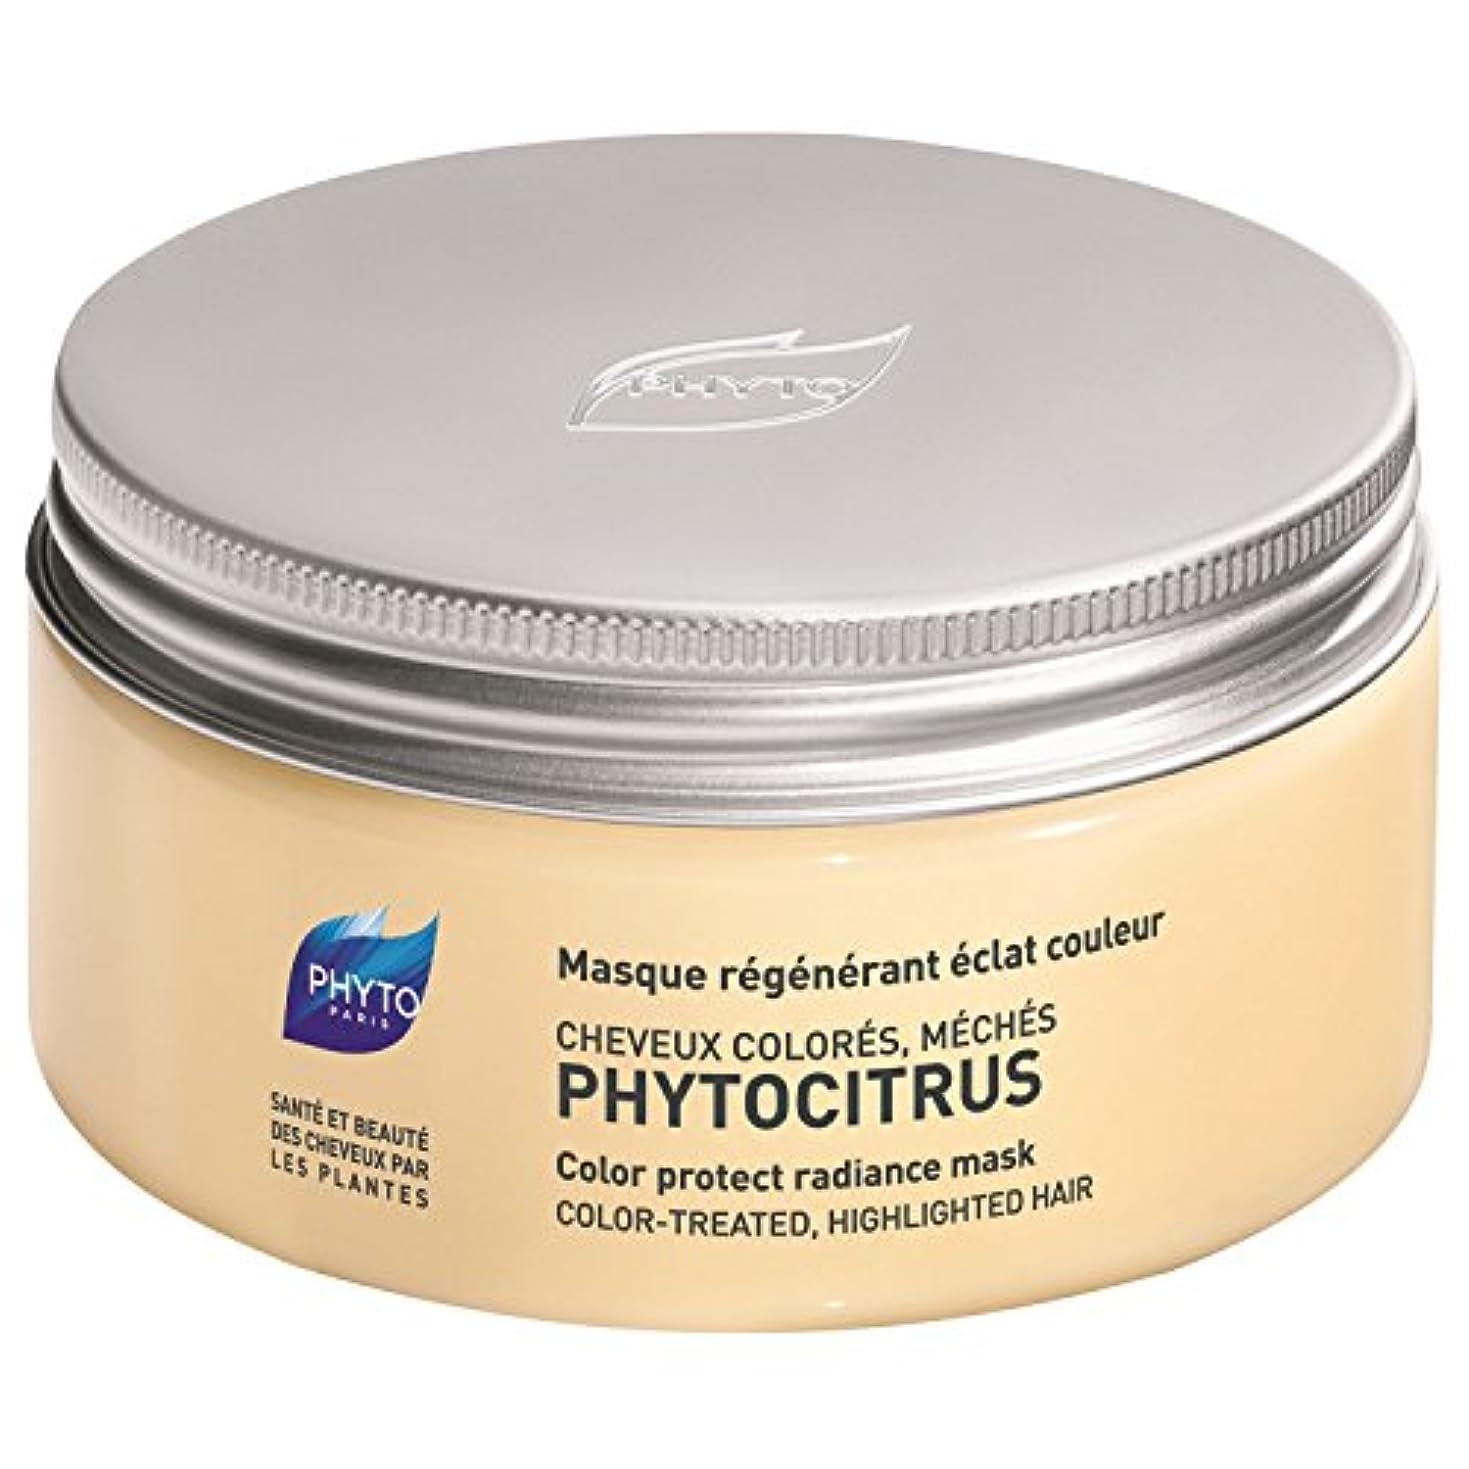 フィトPhytocitrus色保護放射輝度マスク200ミリリットル (Phyto) (x6) - Phyto Phytocitrus Colour Protect Radiance Mask 200ml (Pack of...